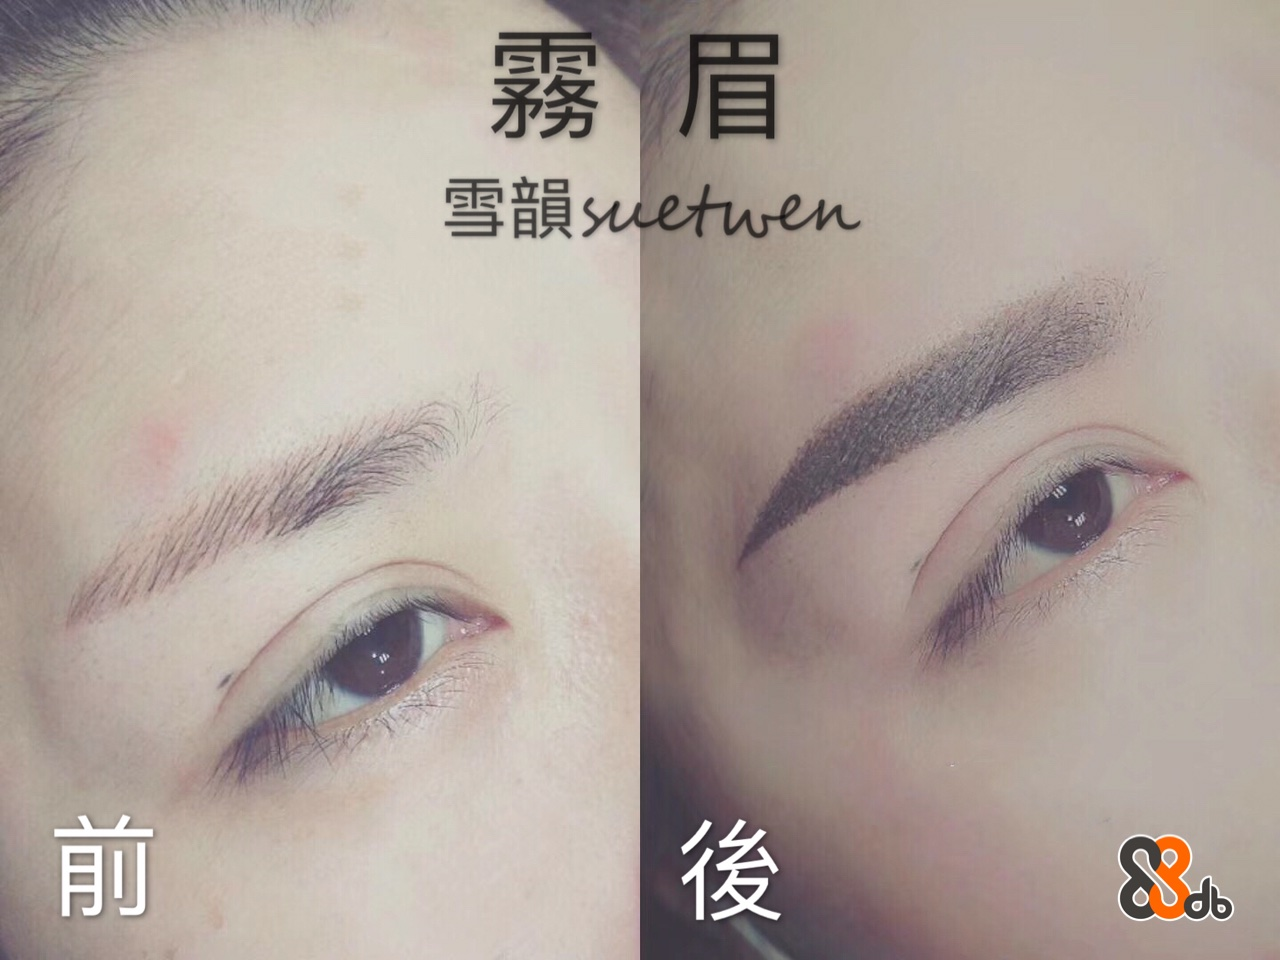 務 !眉 雪韻suetuen 月リ 後  eyebrow,eyelash,forehead,nose,eye